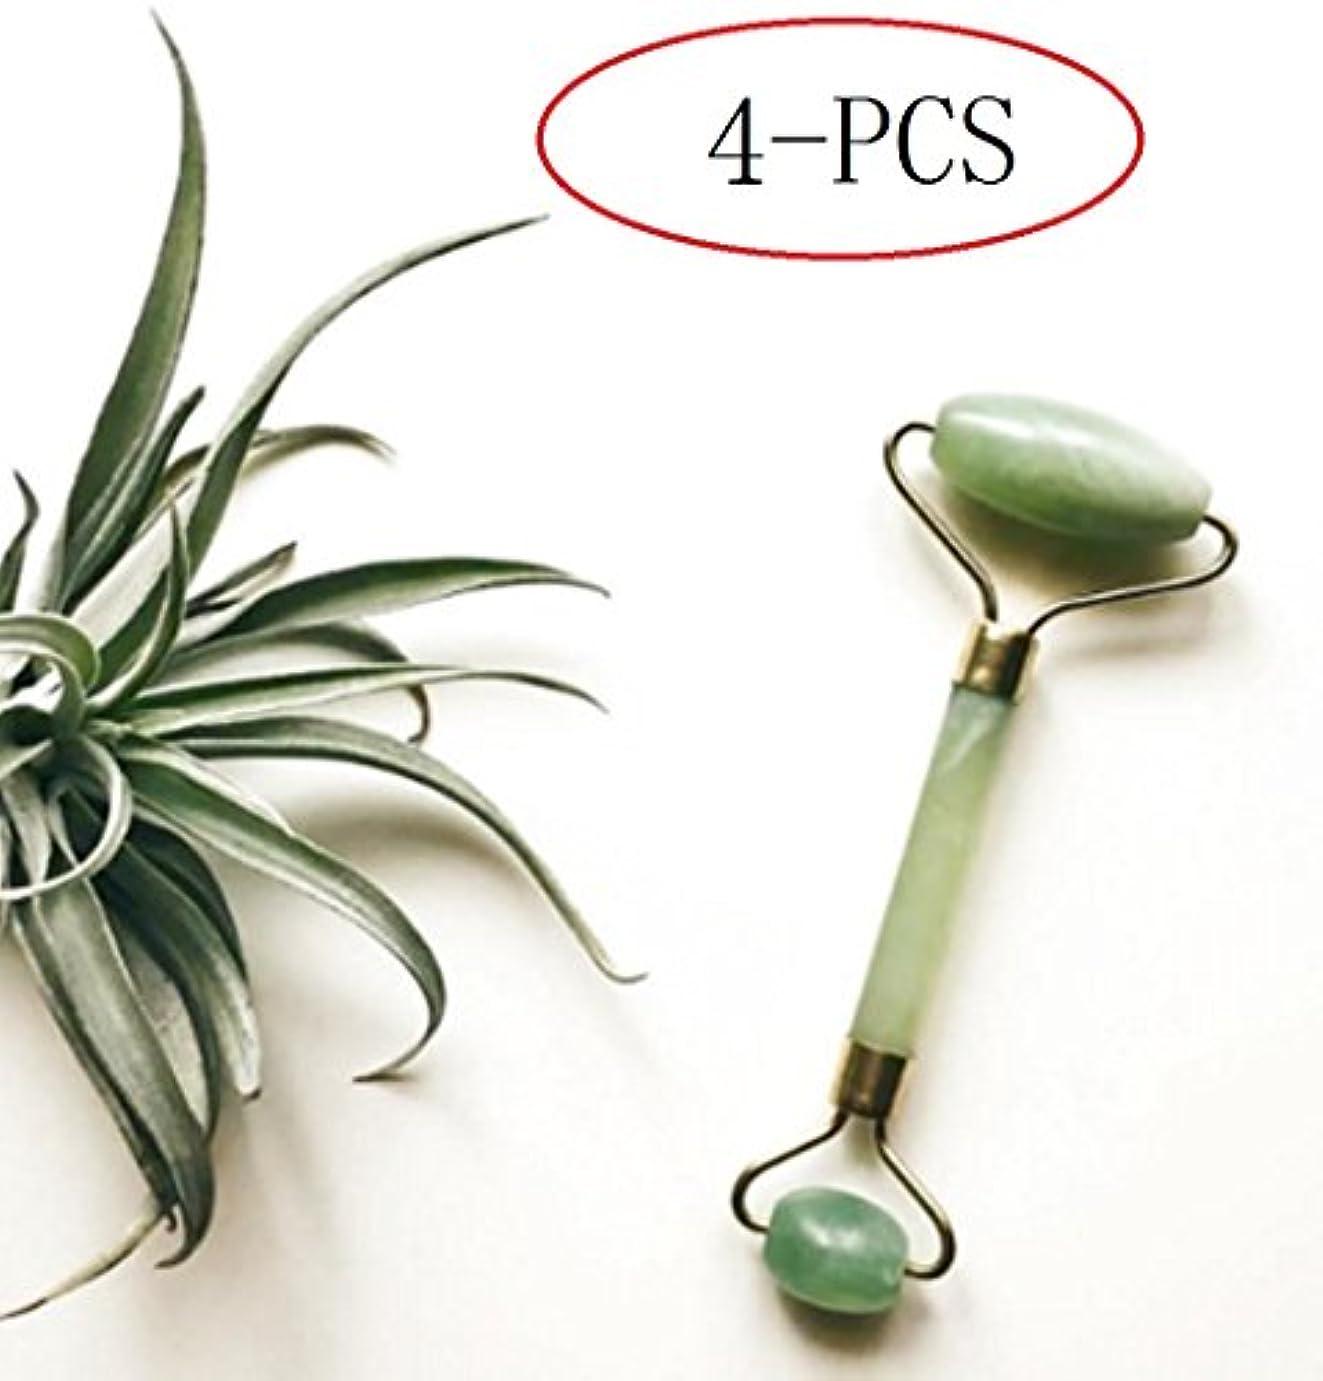 リズミカルなかけるインチEcho & Kern 4点翡翠フェイスマッサジローラー 4pcs Double head Jade Stone Derma Roller